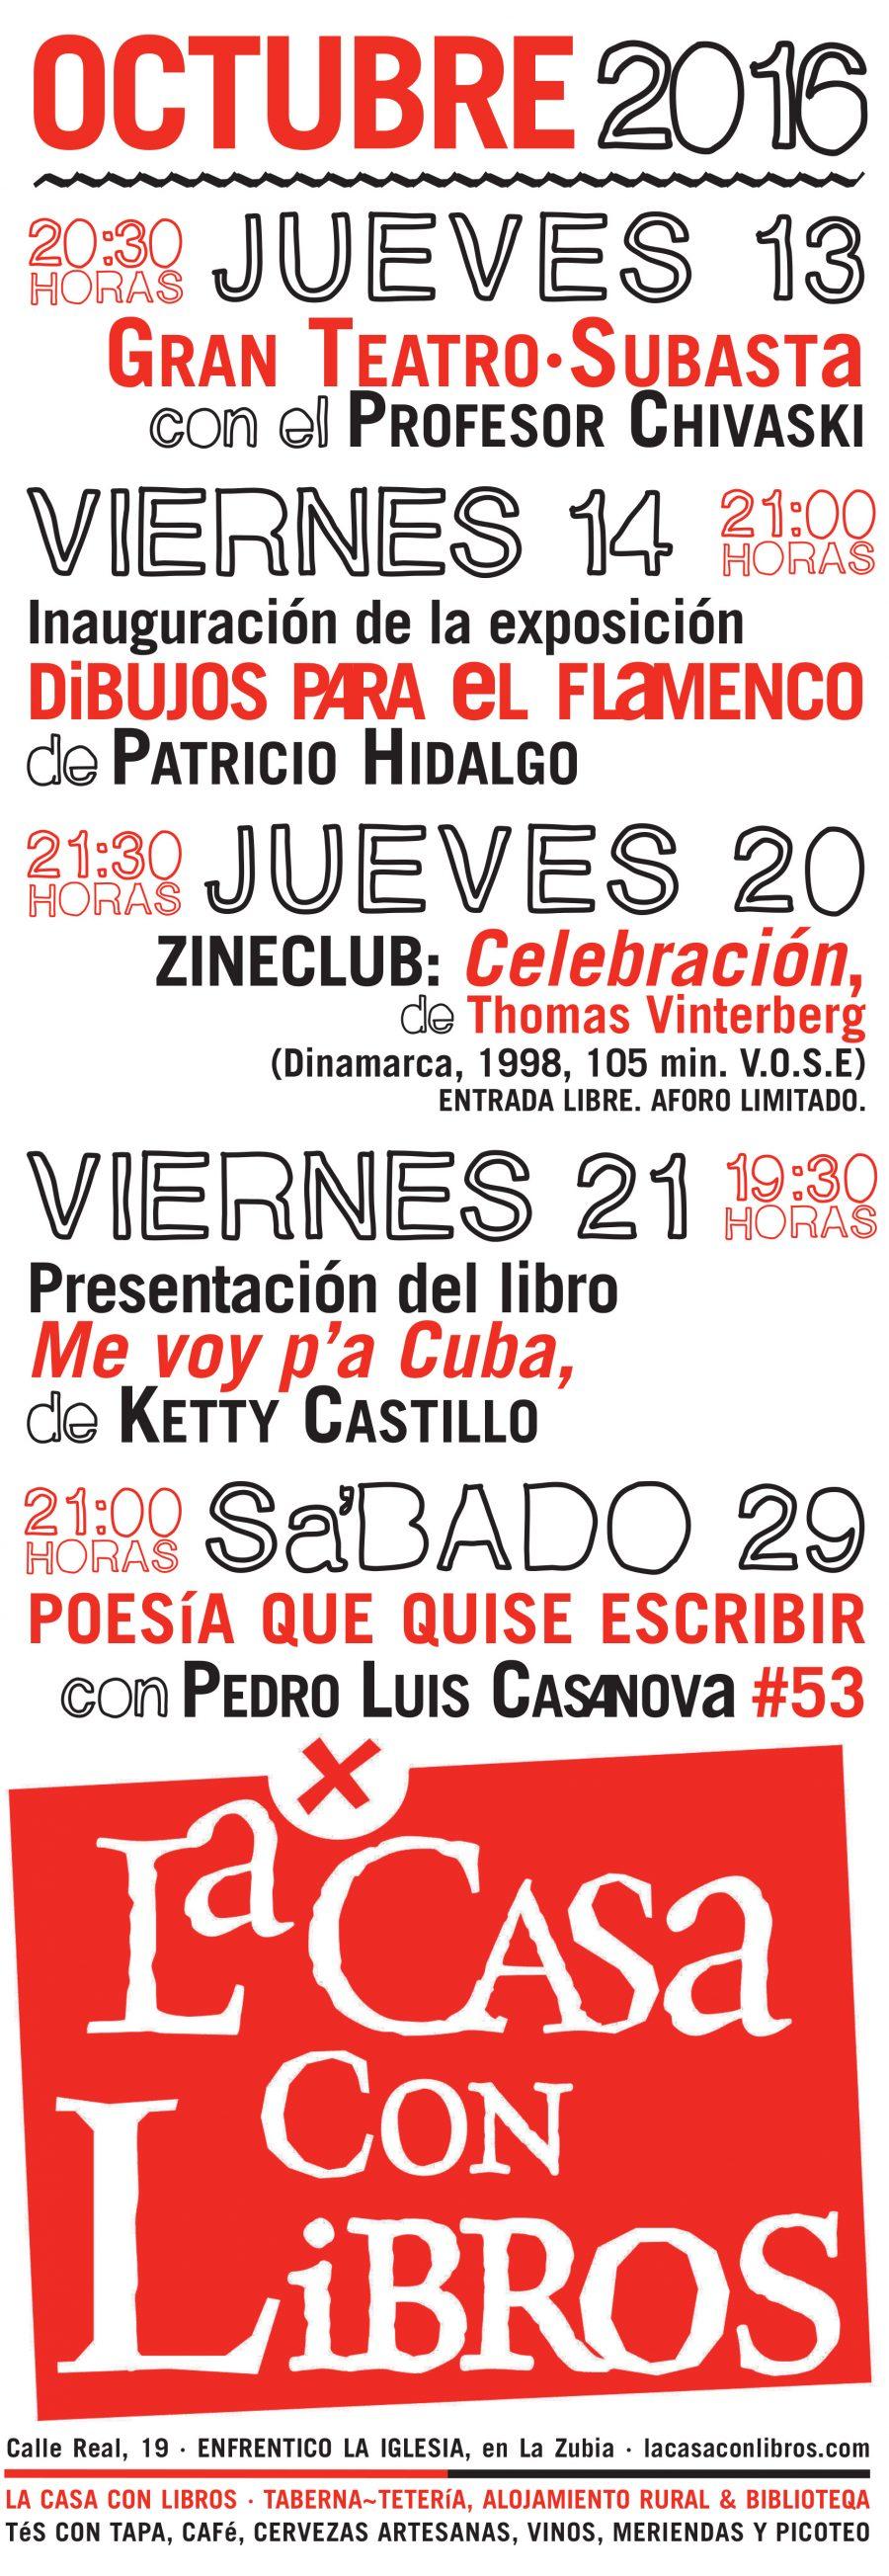 OCTUBRE 2016 en La Casa Con Libros